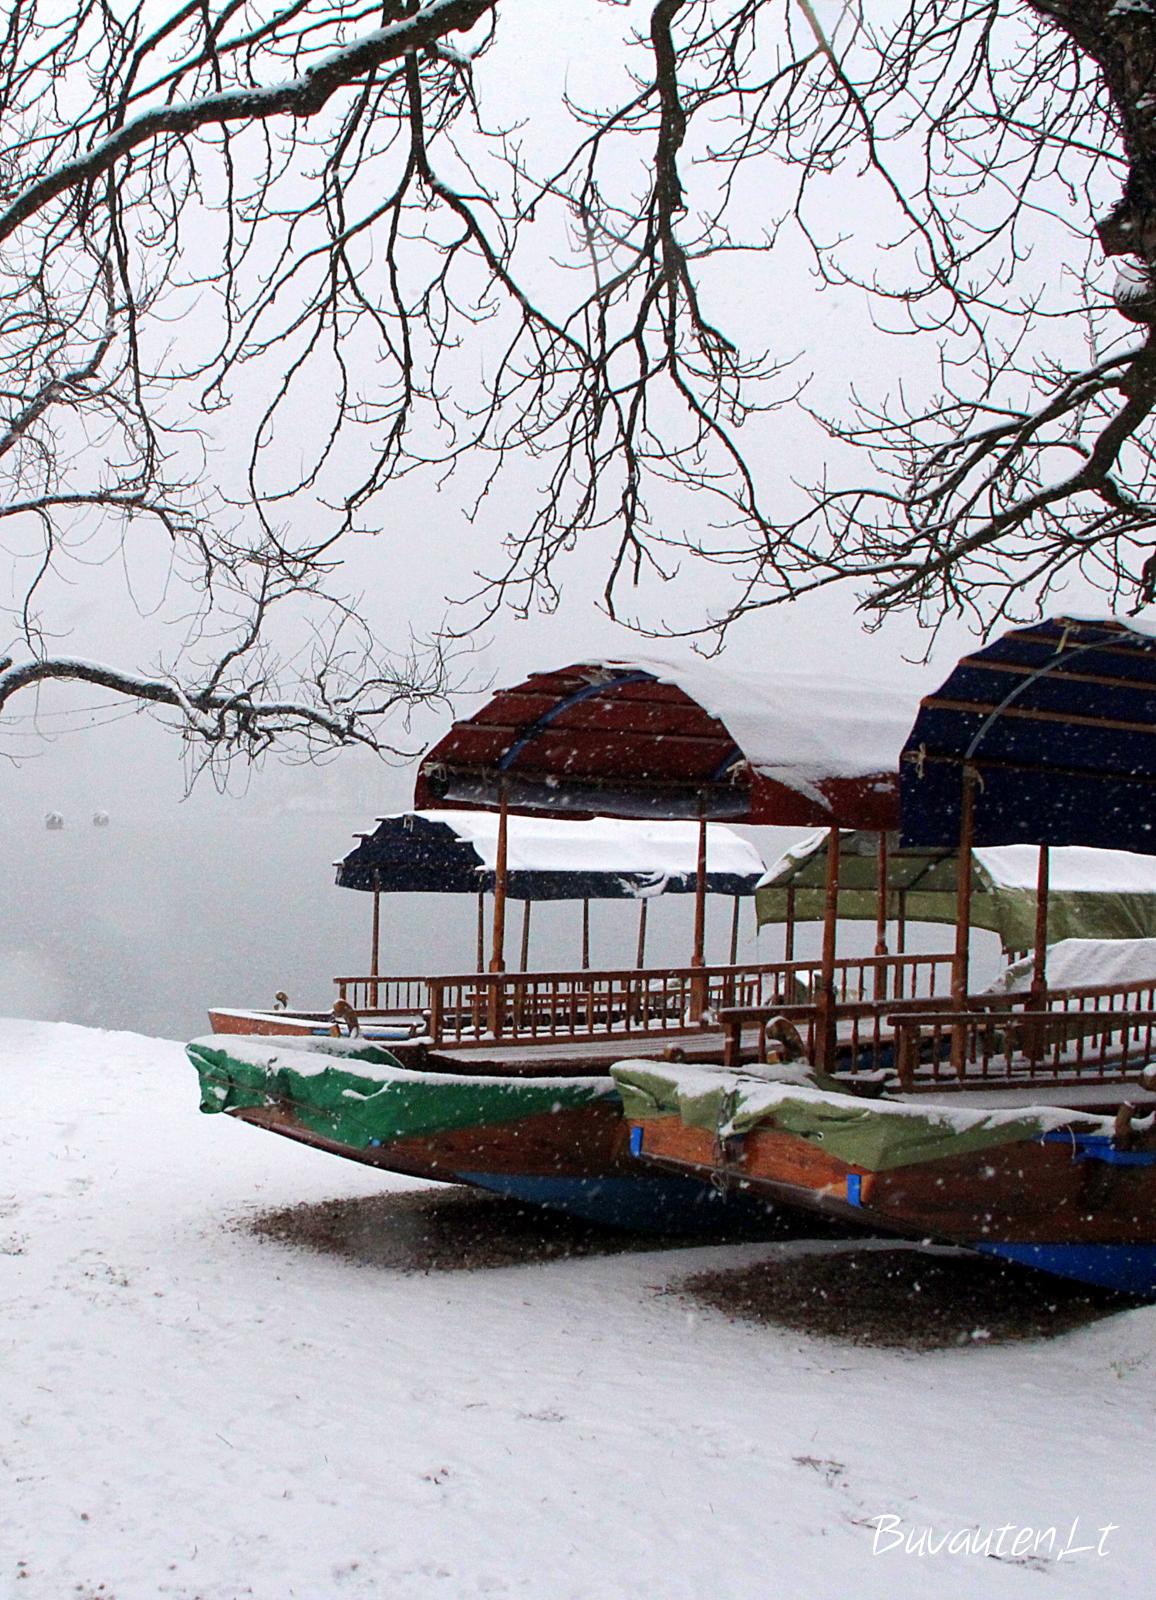 Turistų nesulaukusios tradicinės valtys Pletna